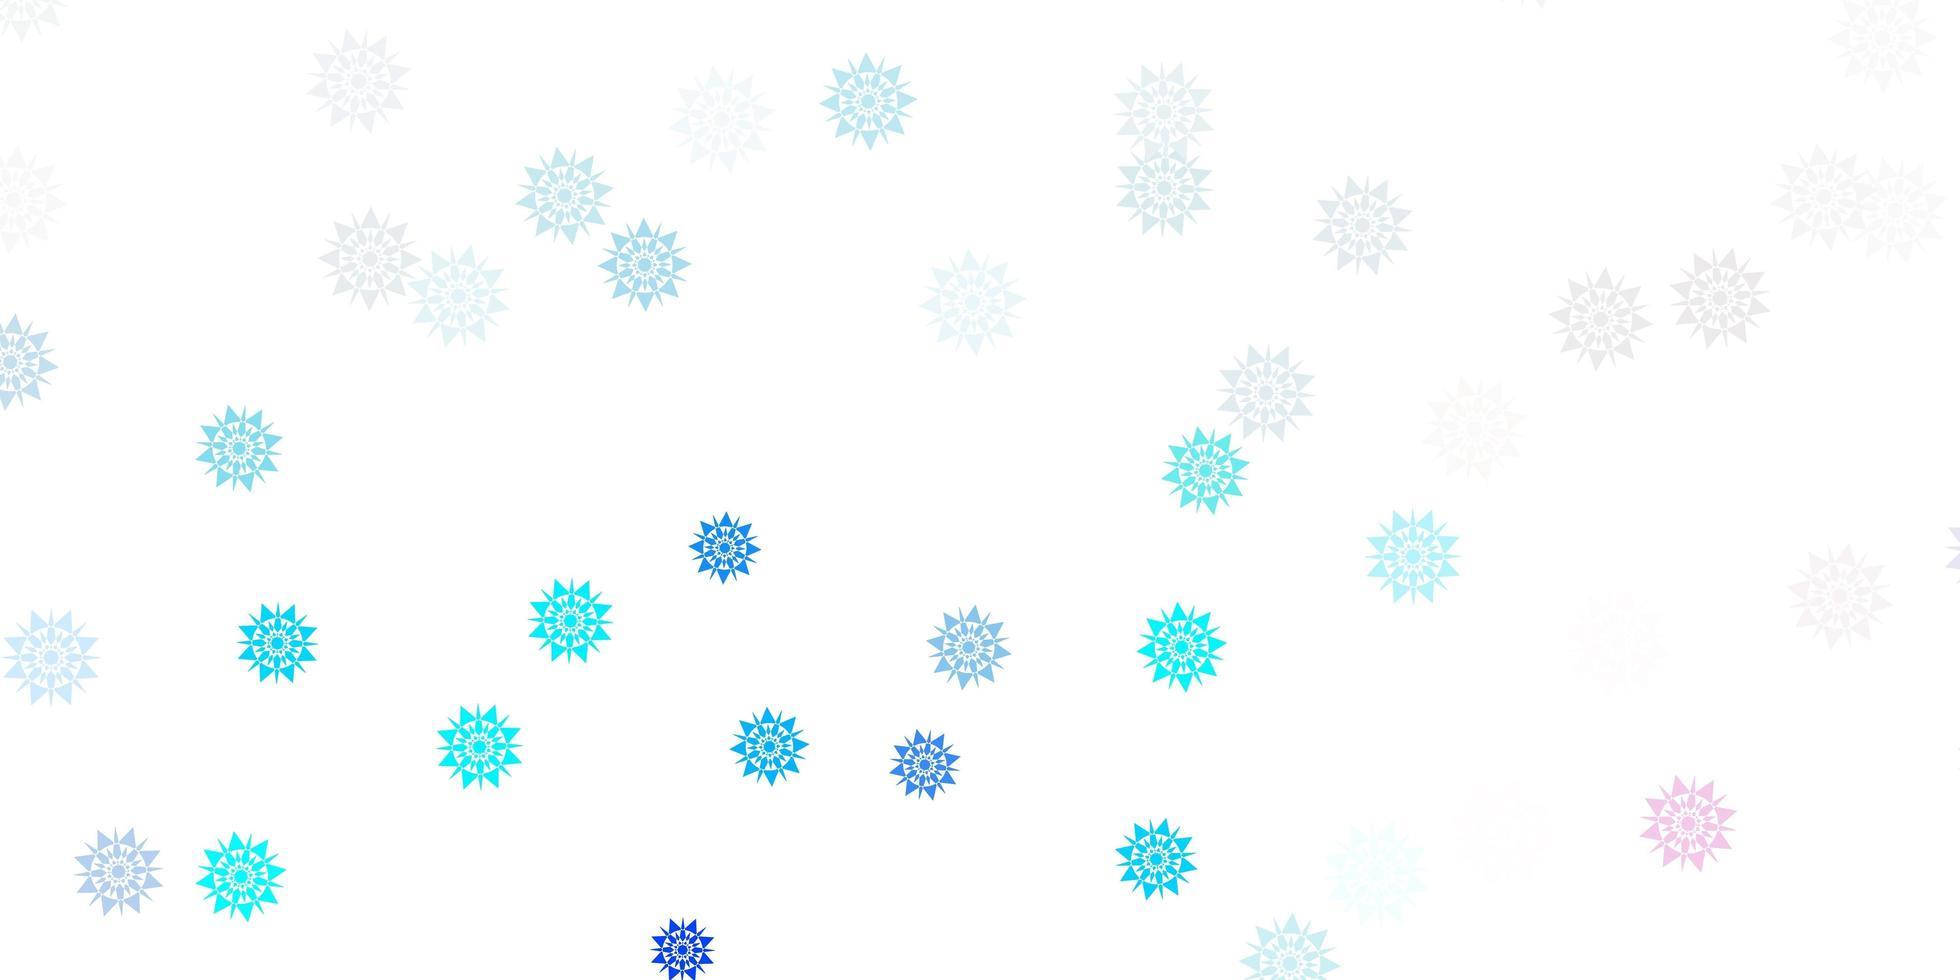 fundo vector rosa claro azul com flocos de neve de Natal.